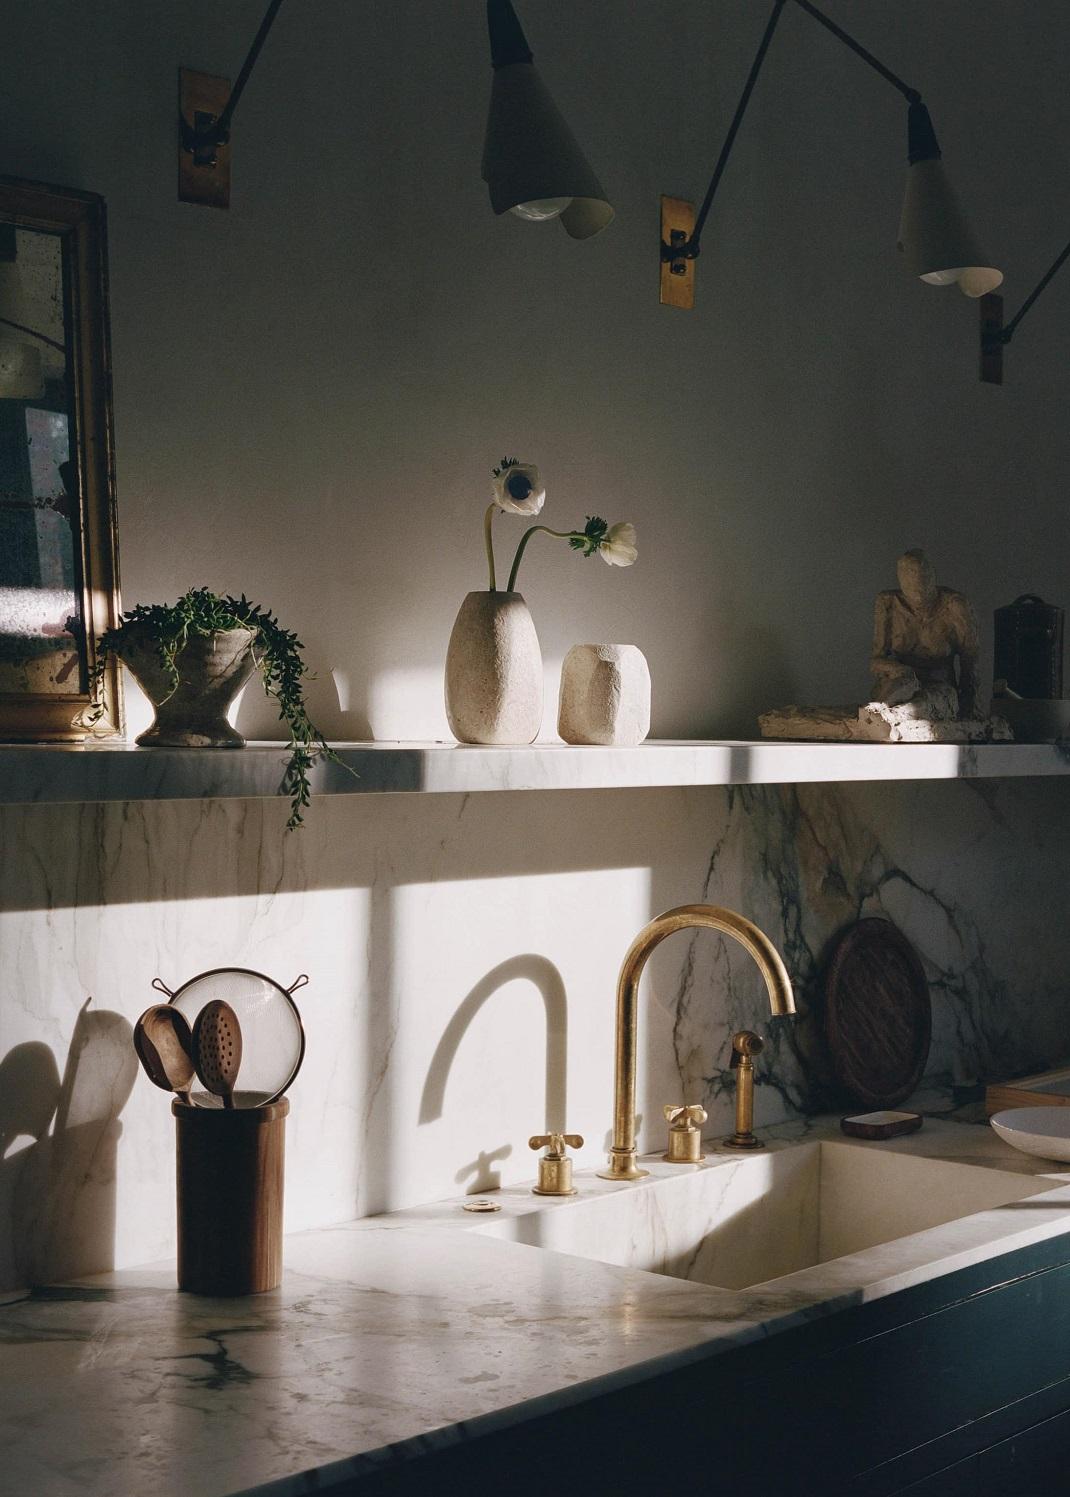 σπίτι Athena Calderone Zara Home